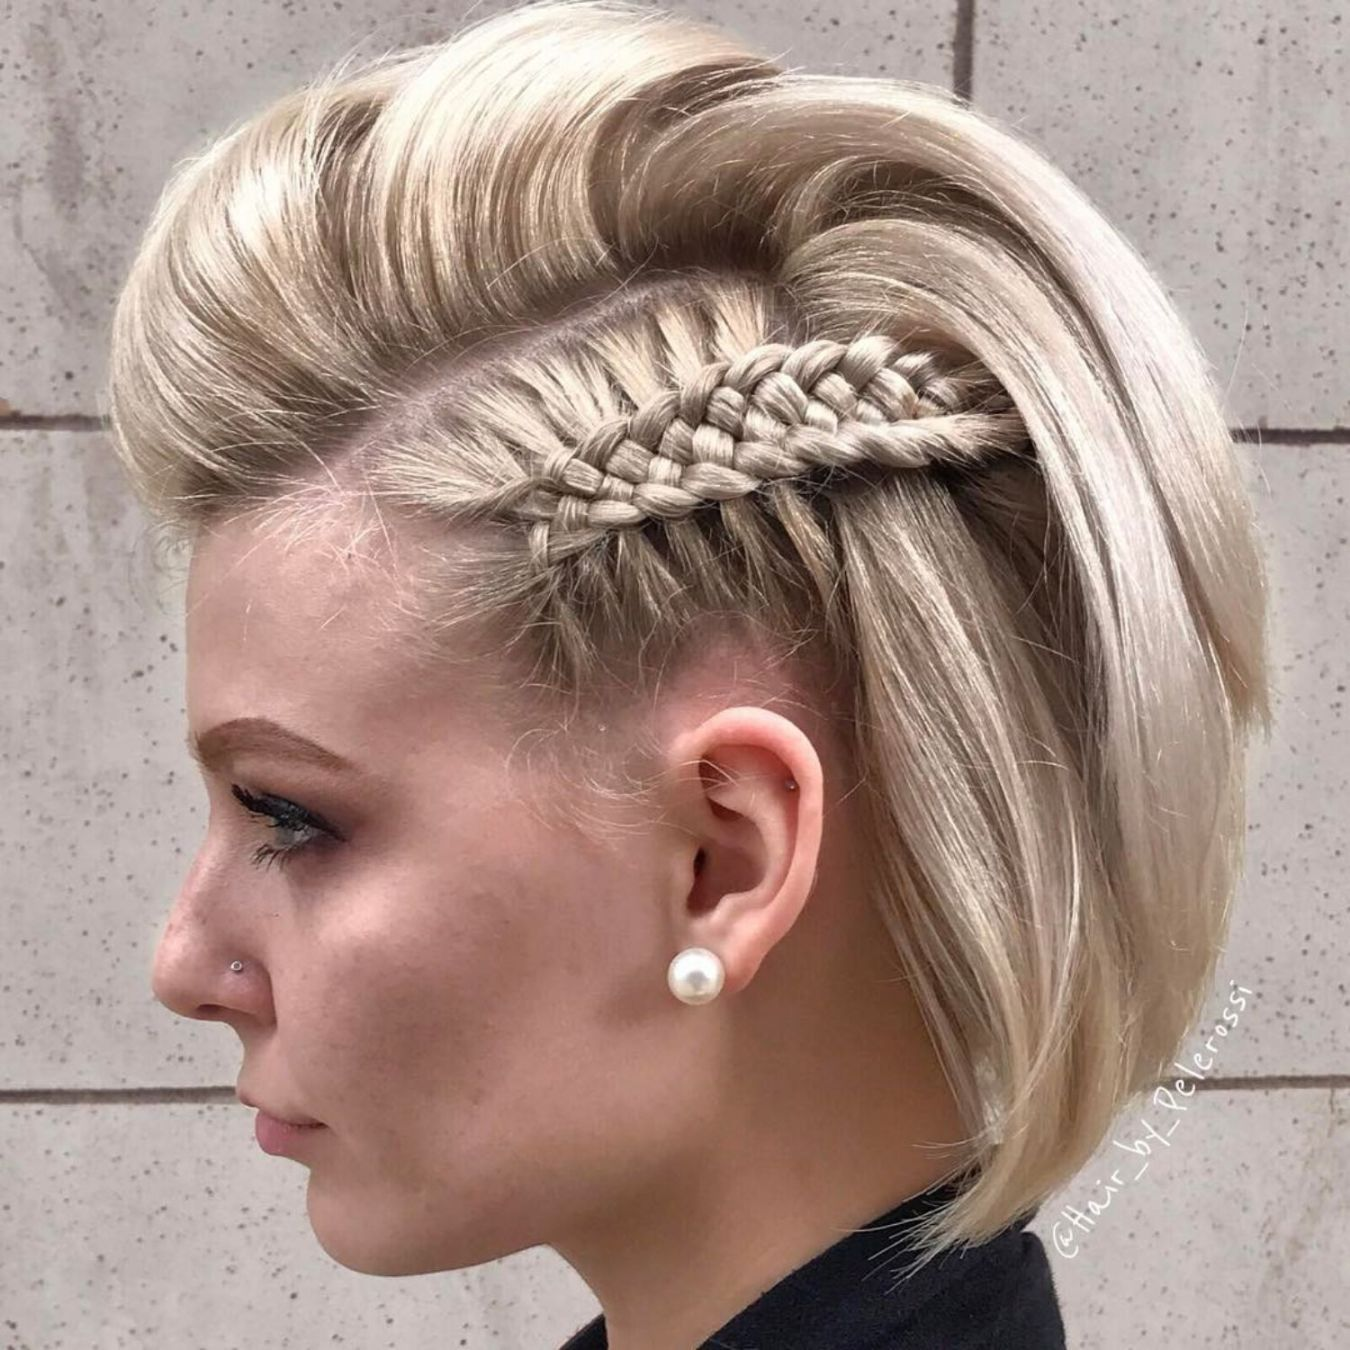 плетеные прически для коротких волос фото 17